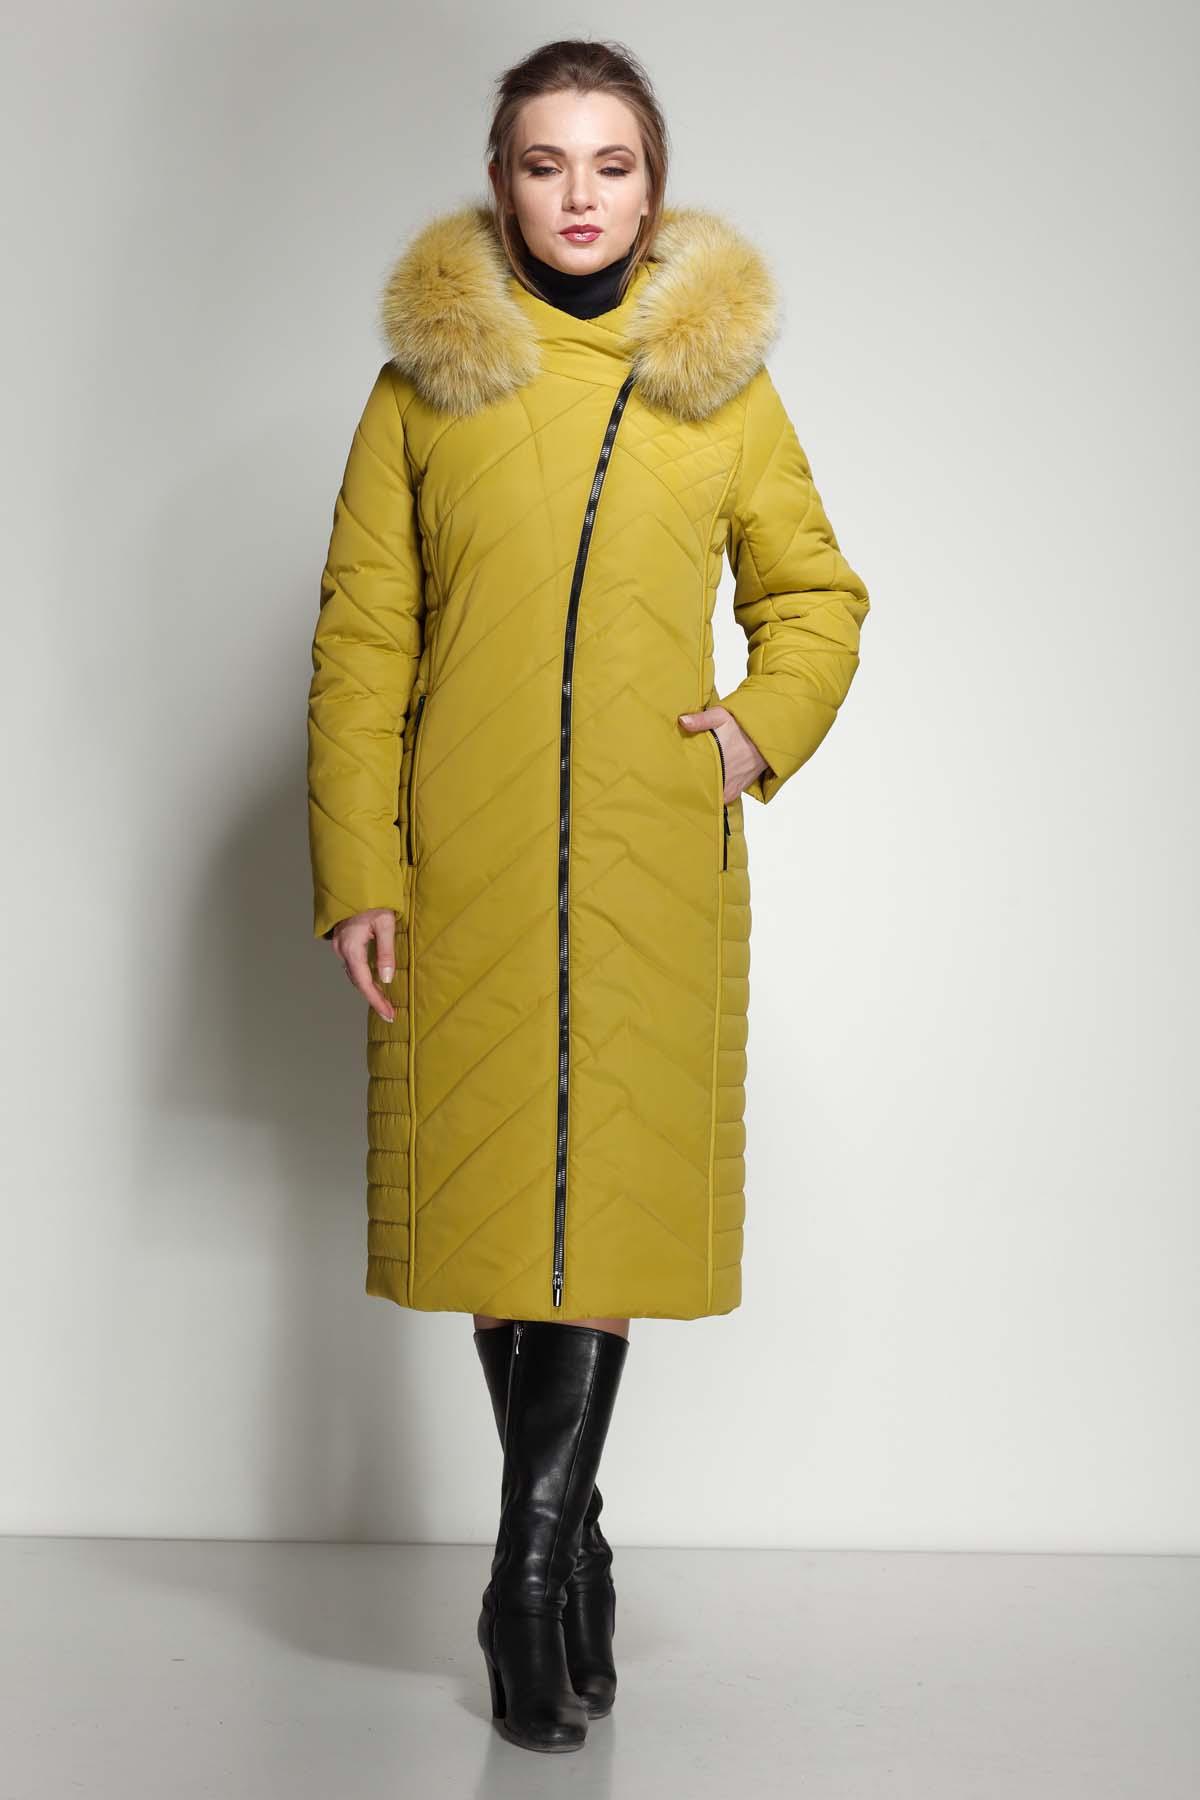 Зимове пальто Міра песець лайм